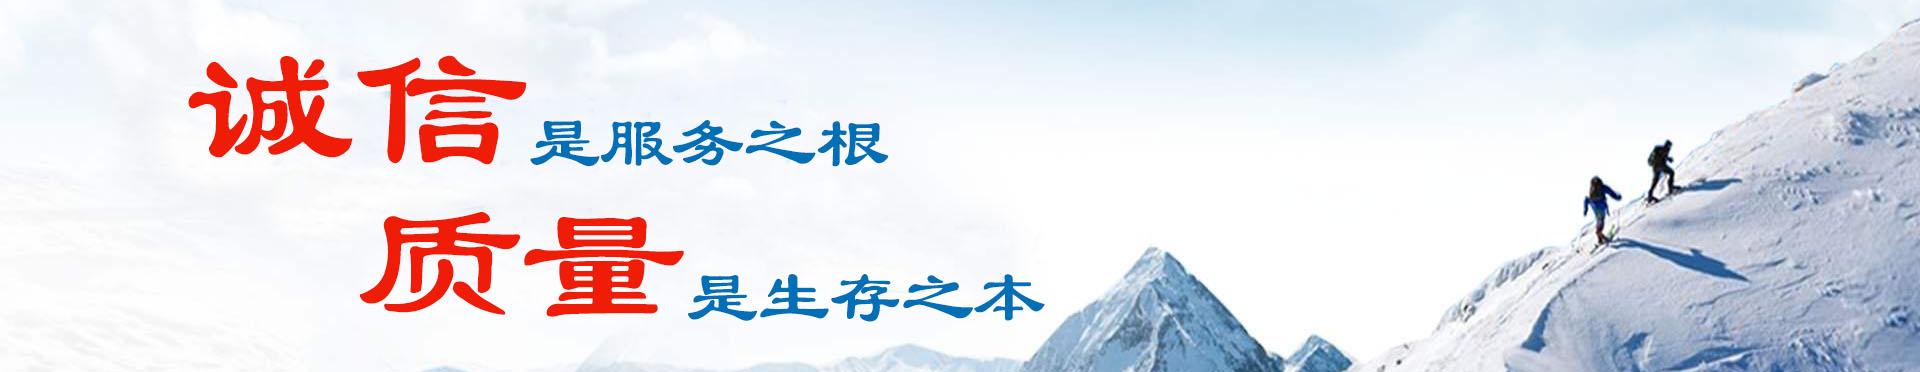 豫鑫科技新闻